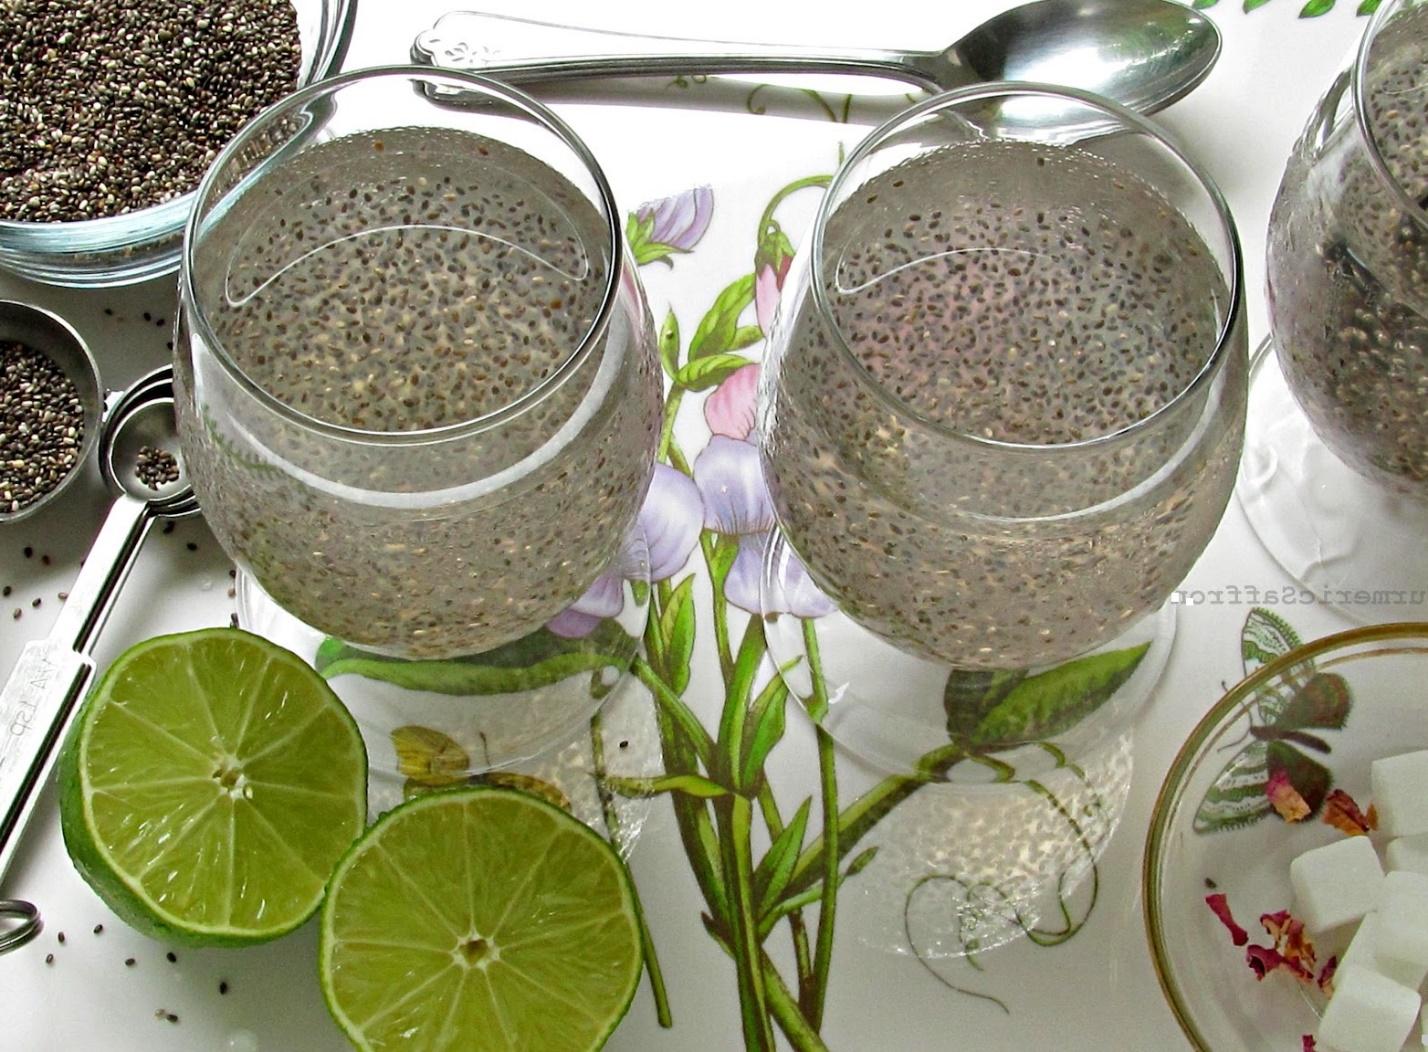 Những cách nấu nước nha đam đường phèn đơn giản, lạ miệng cho bạn thanh nhiệt ngày nóng - Ảnh 2